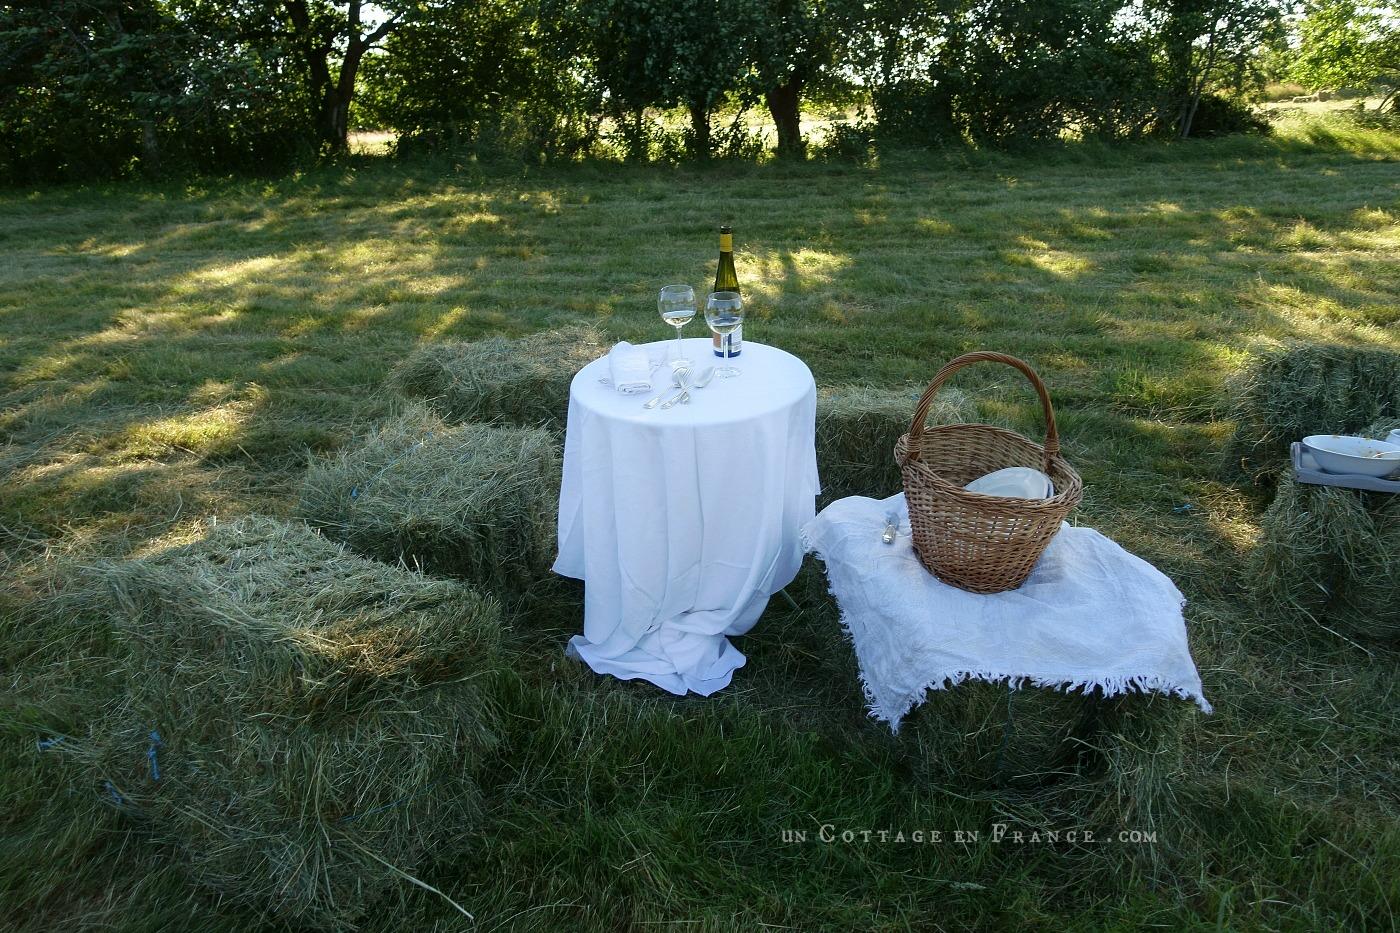 Un verre dans le champ pour célébrer l'été blog country chic 6